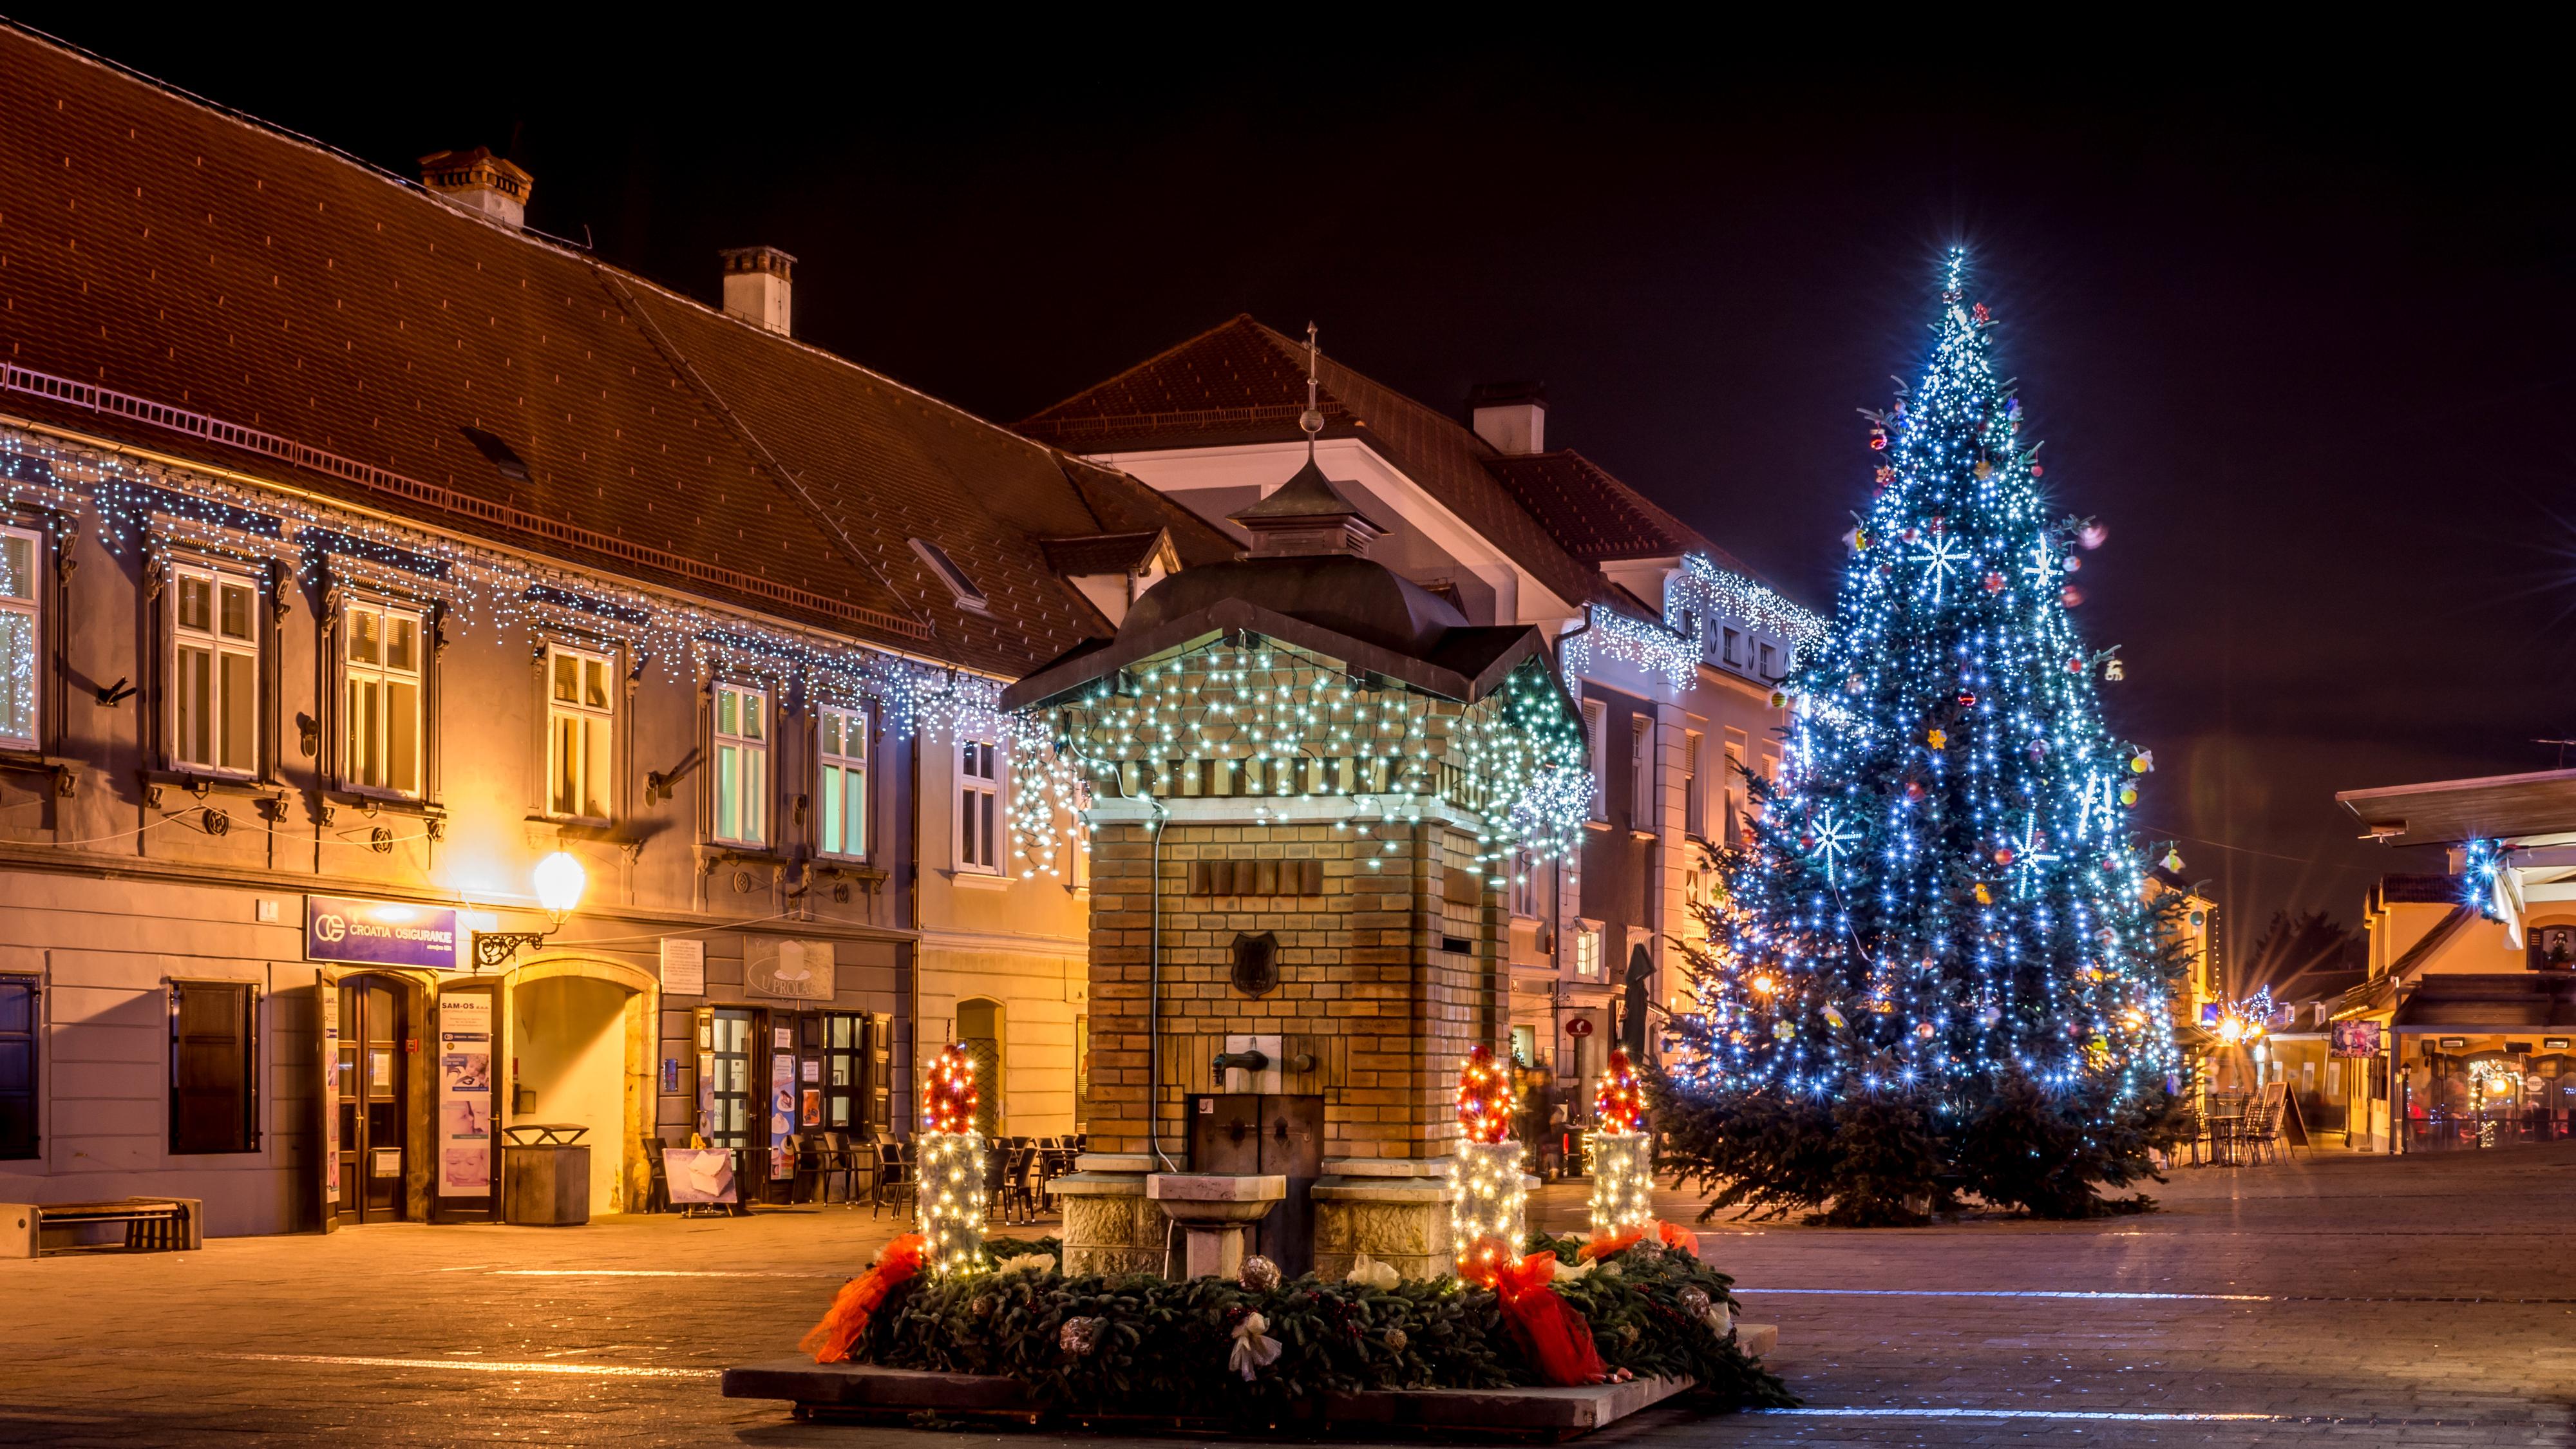 новый год дом ель ночь new year the house spruce night бесплатно